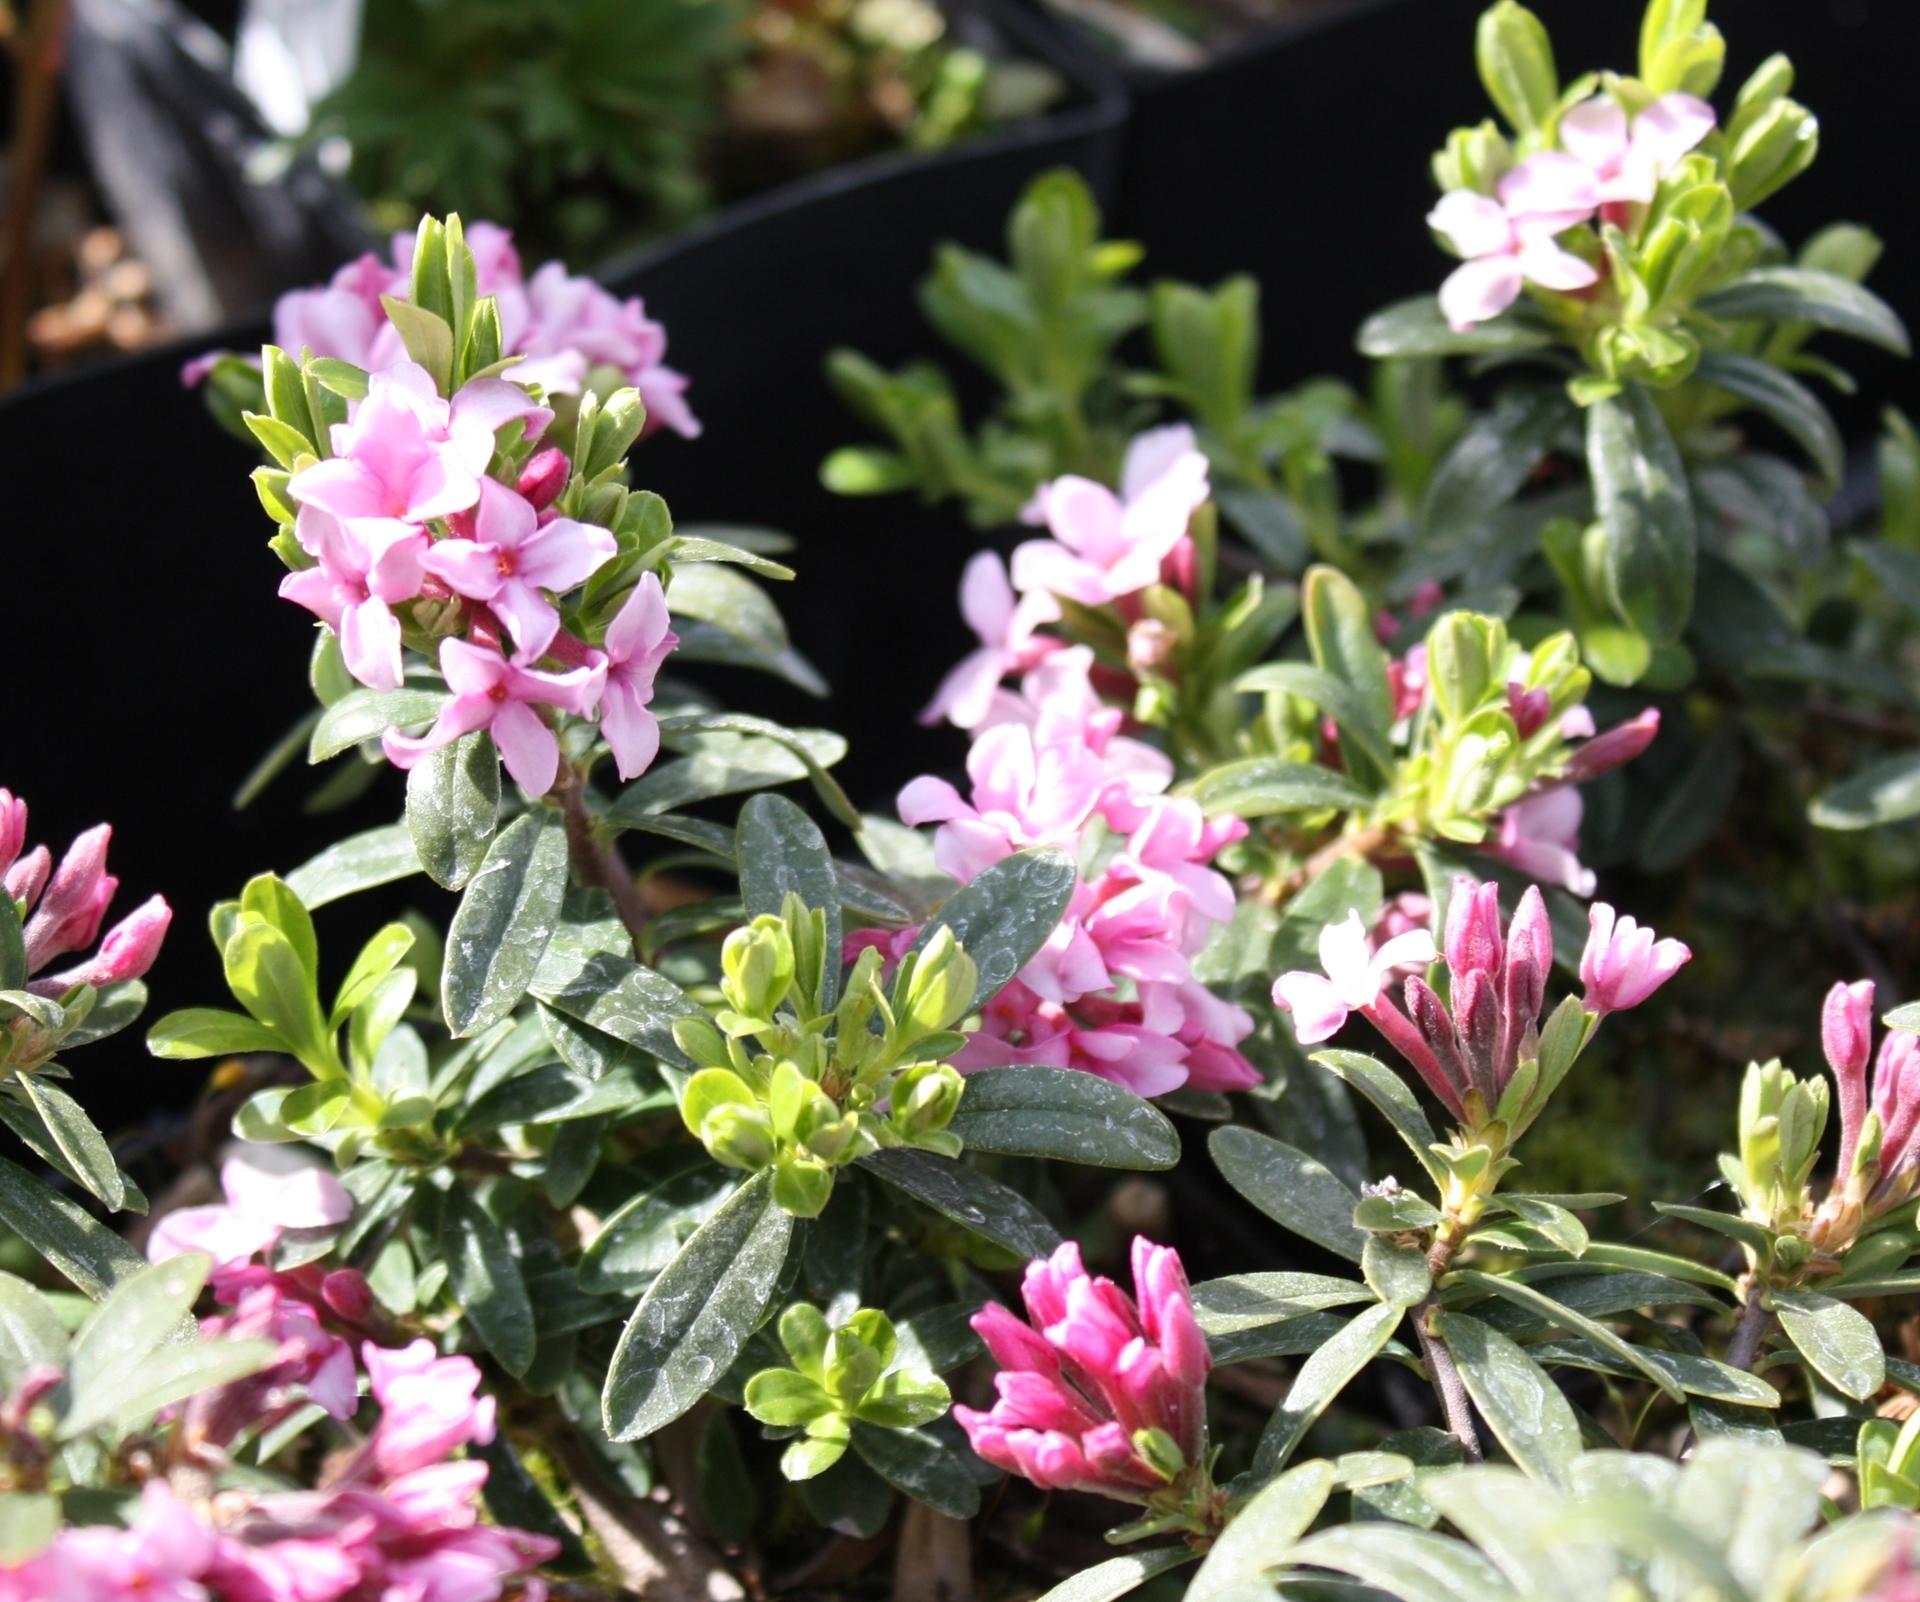 Picture of Daphne arbuscula x cneorum large